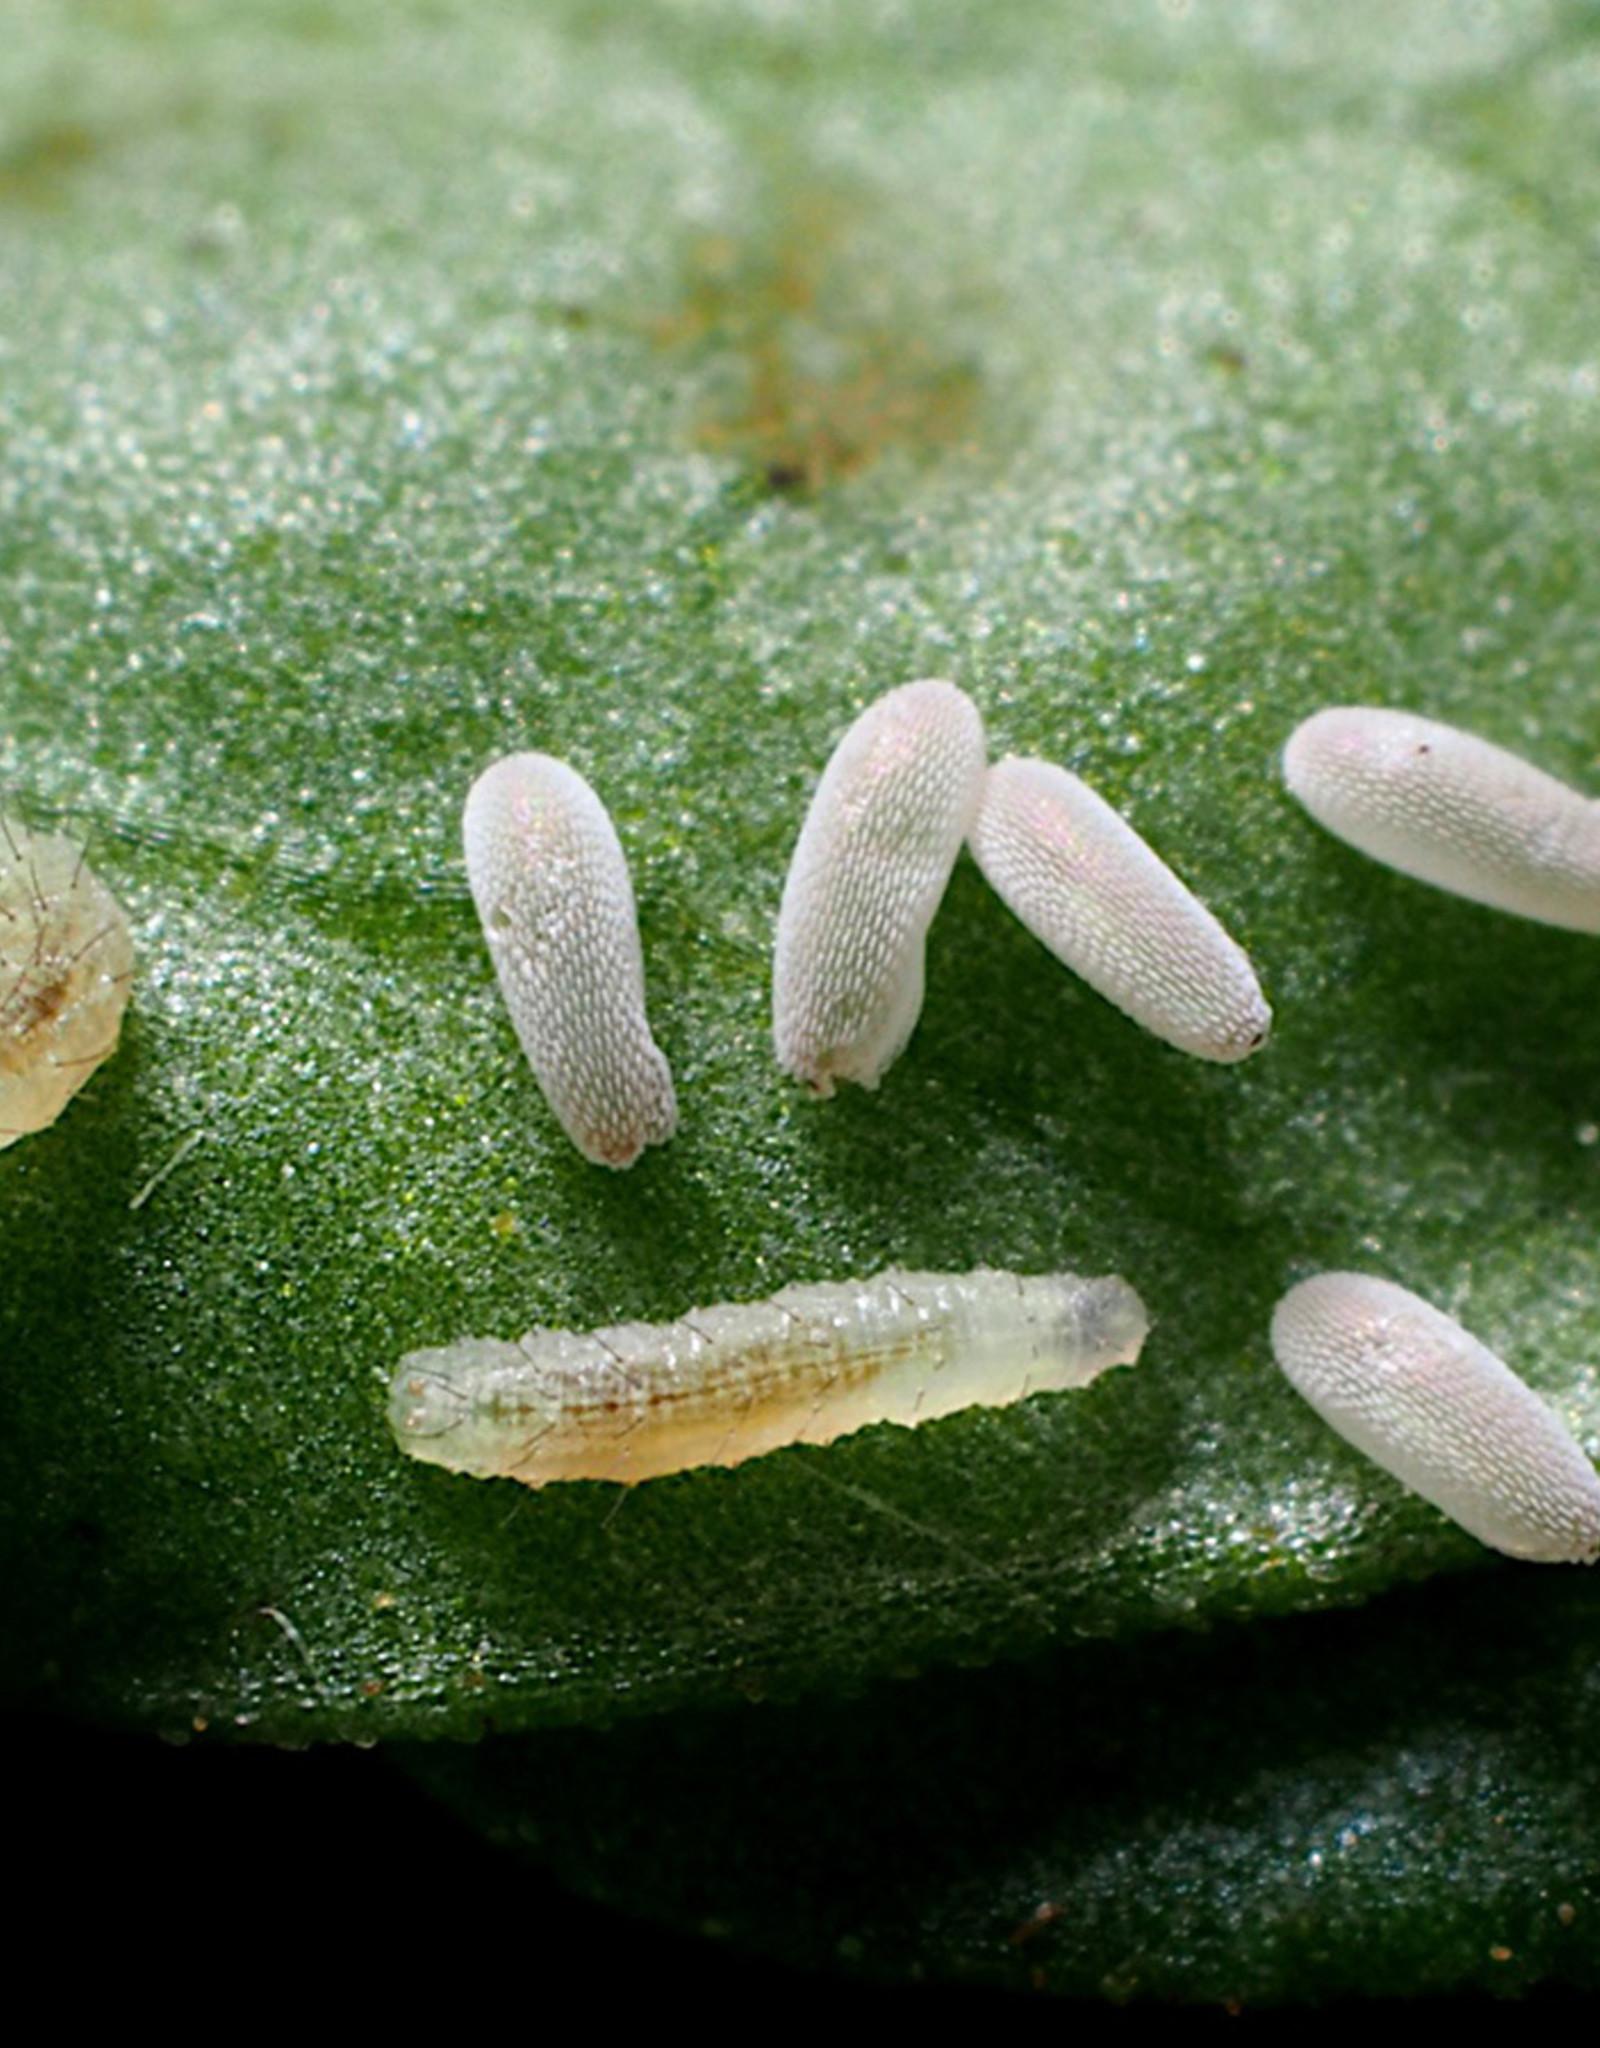 Brimex Biobest Bladluis bestrijding met Brimex zweefvlieg Eupeodes-System